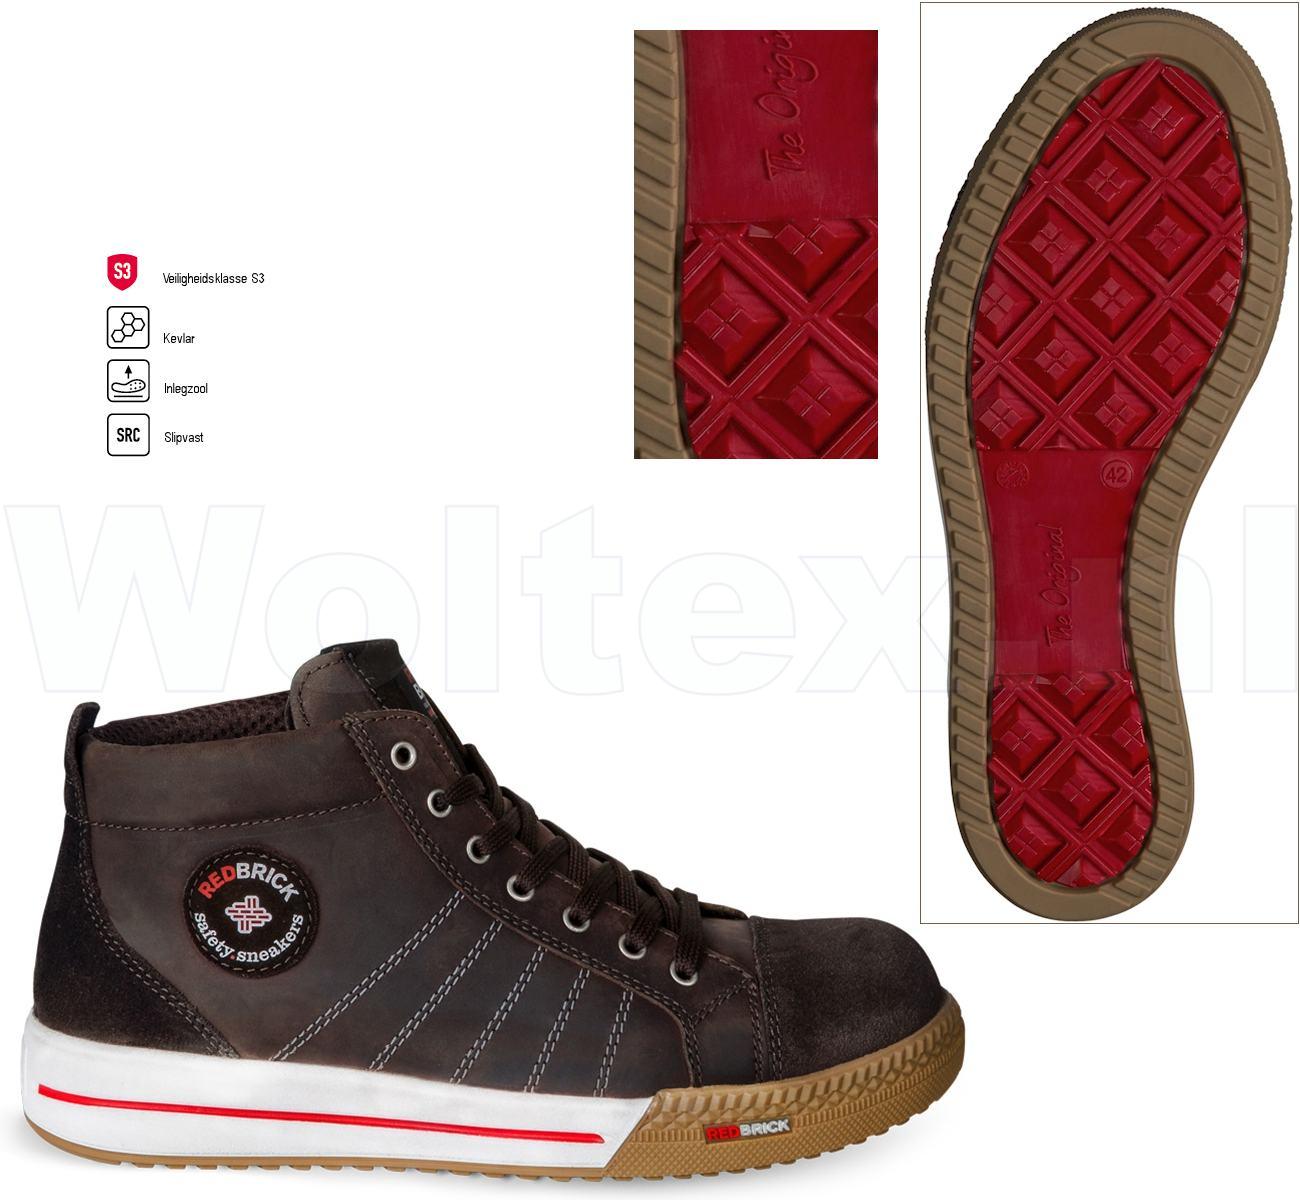 Dames Werkschoenen Redbrick.Redbrick Safety Sneakers Originals S3 Werkschoenen Smaragd Bruin 39